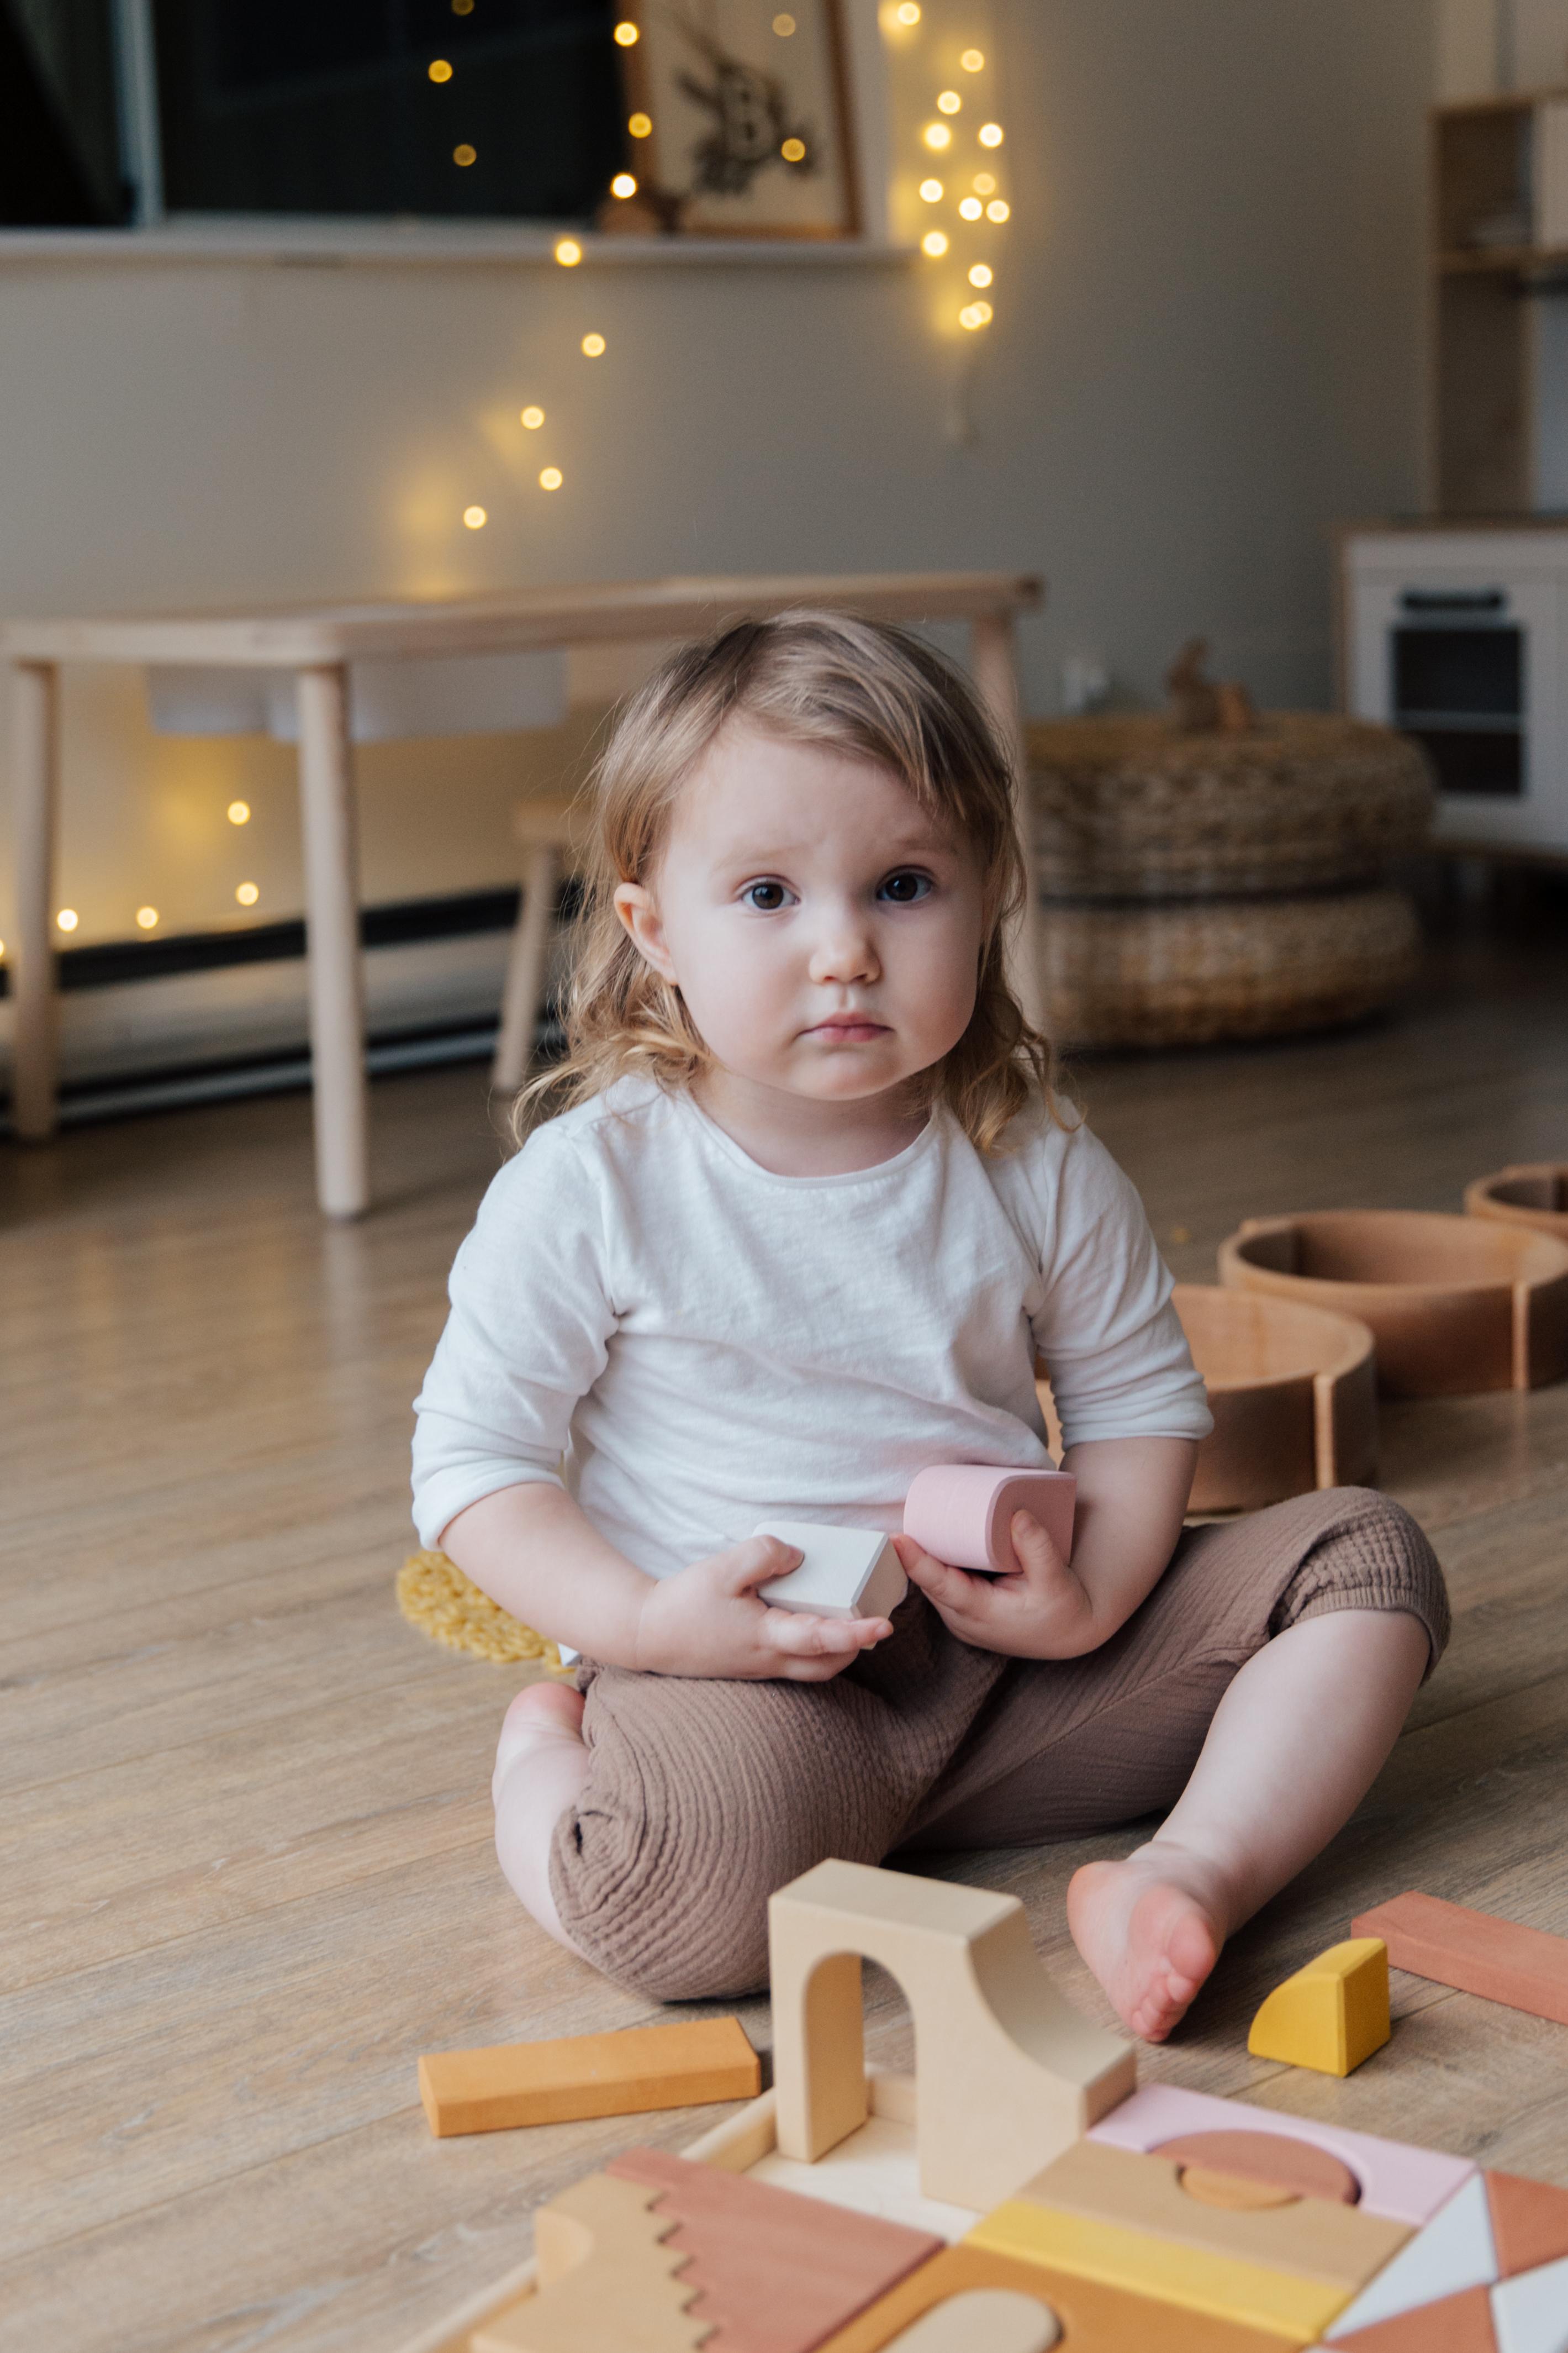 klocki drewniane dla dzieci w wieku 2 lata lub mniej